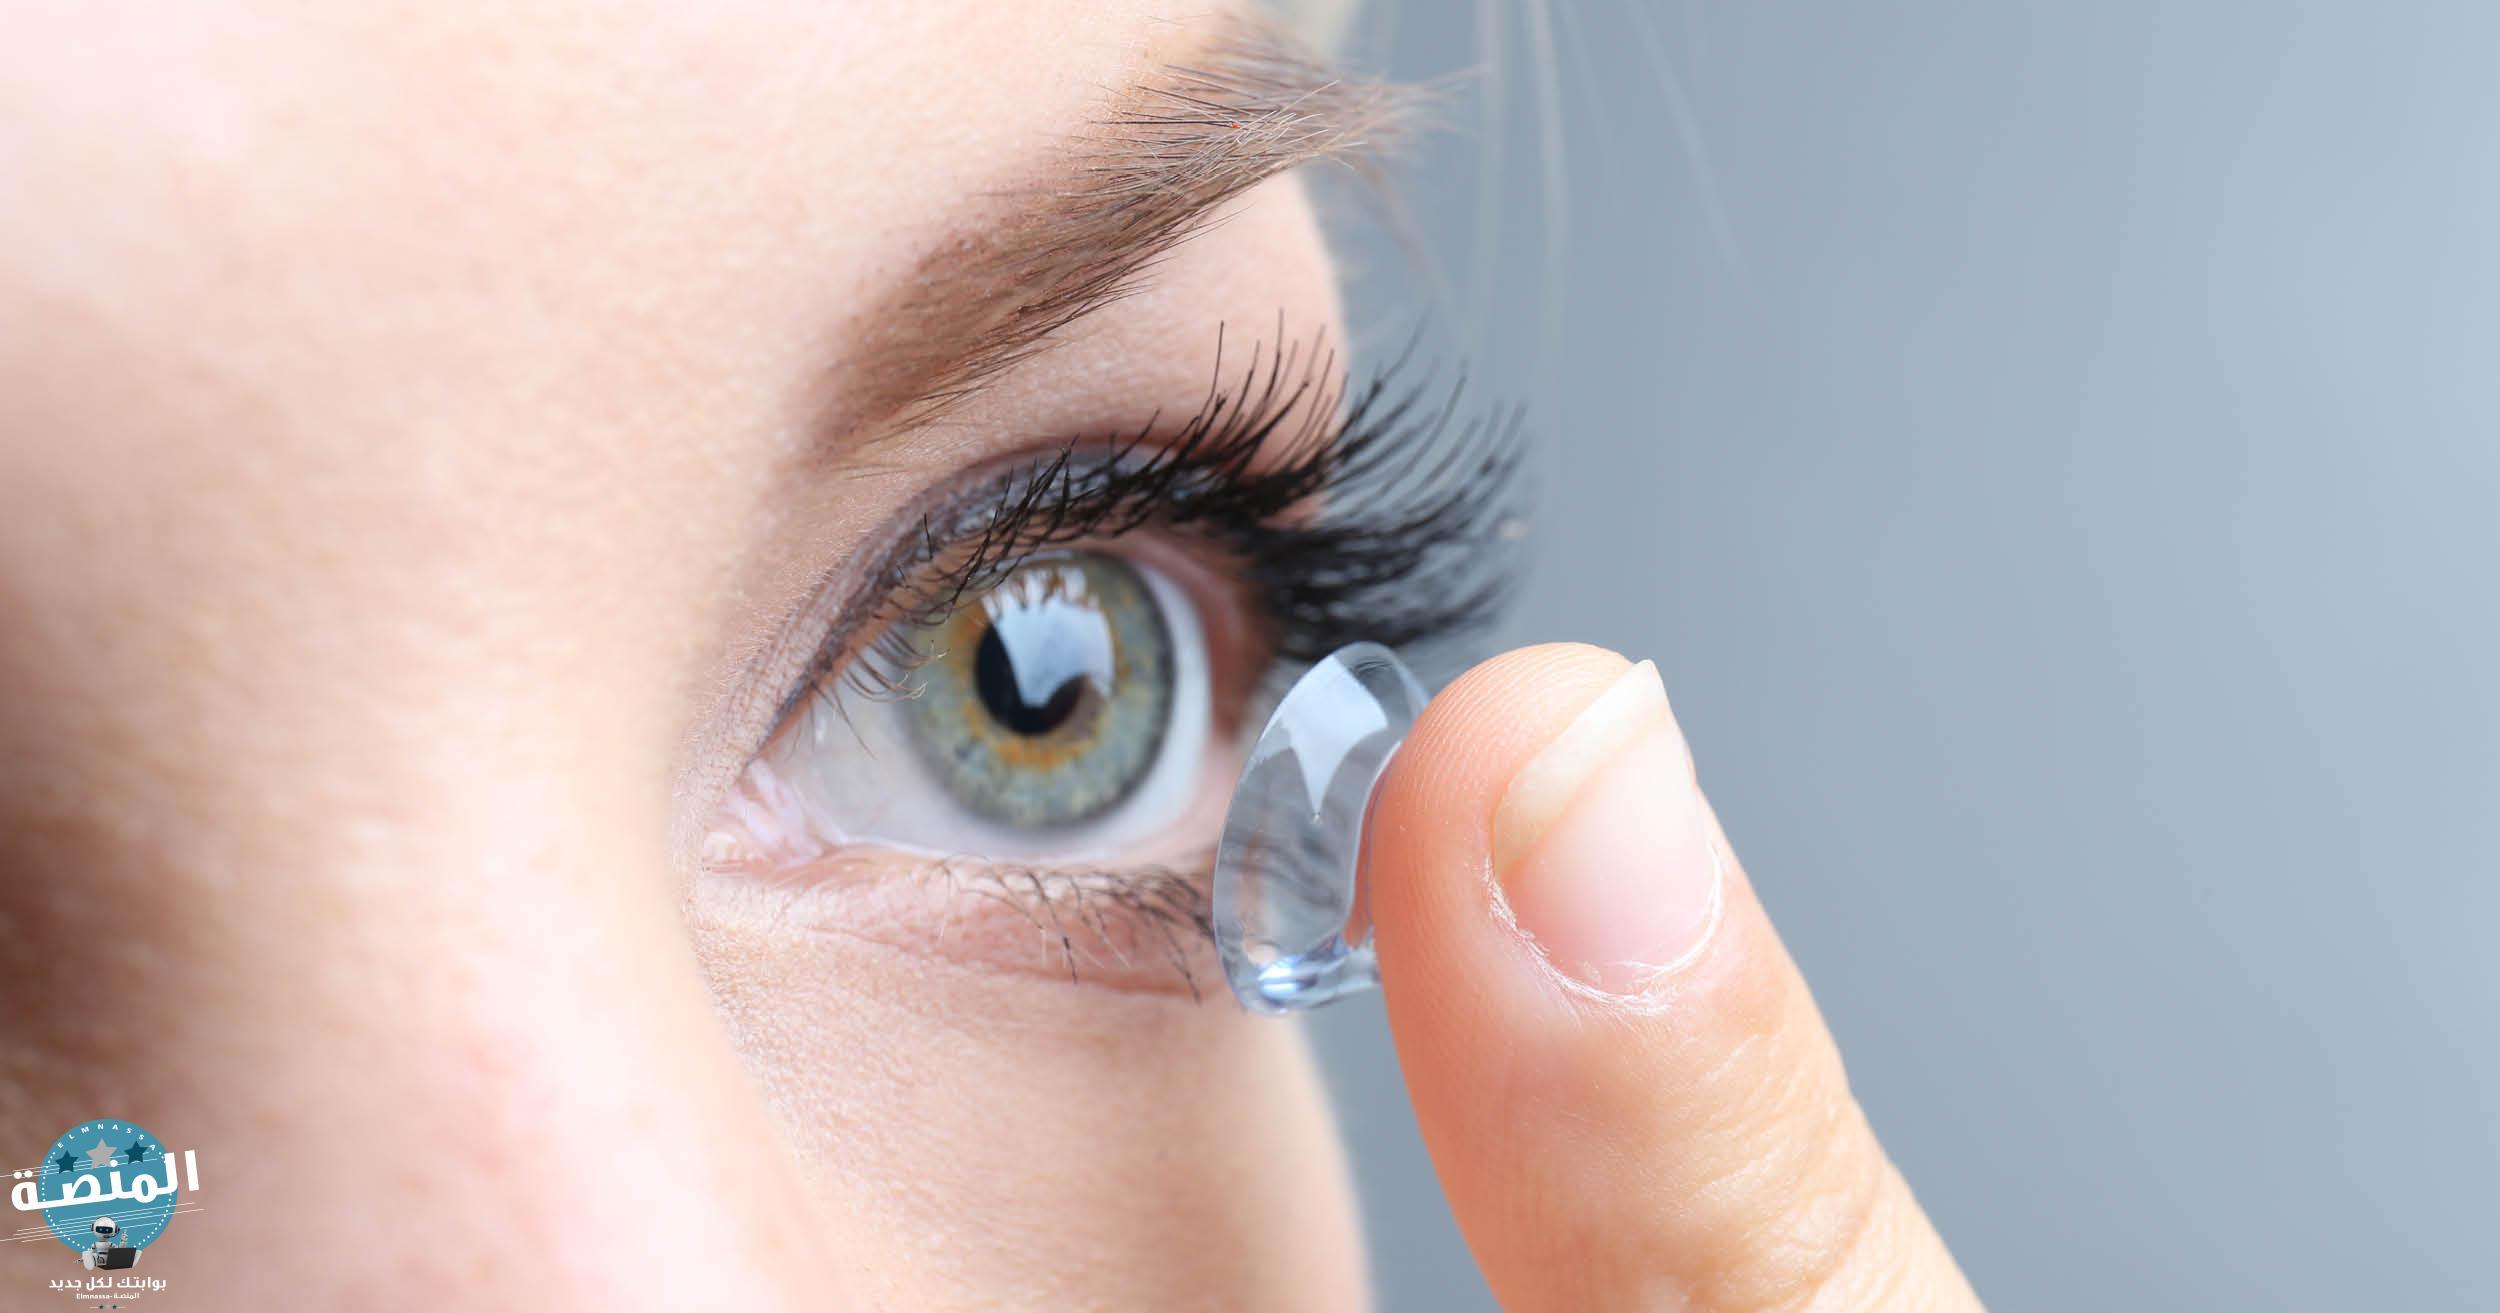 أضرار العدسات اللاصقة علي العين